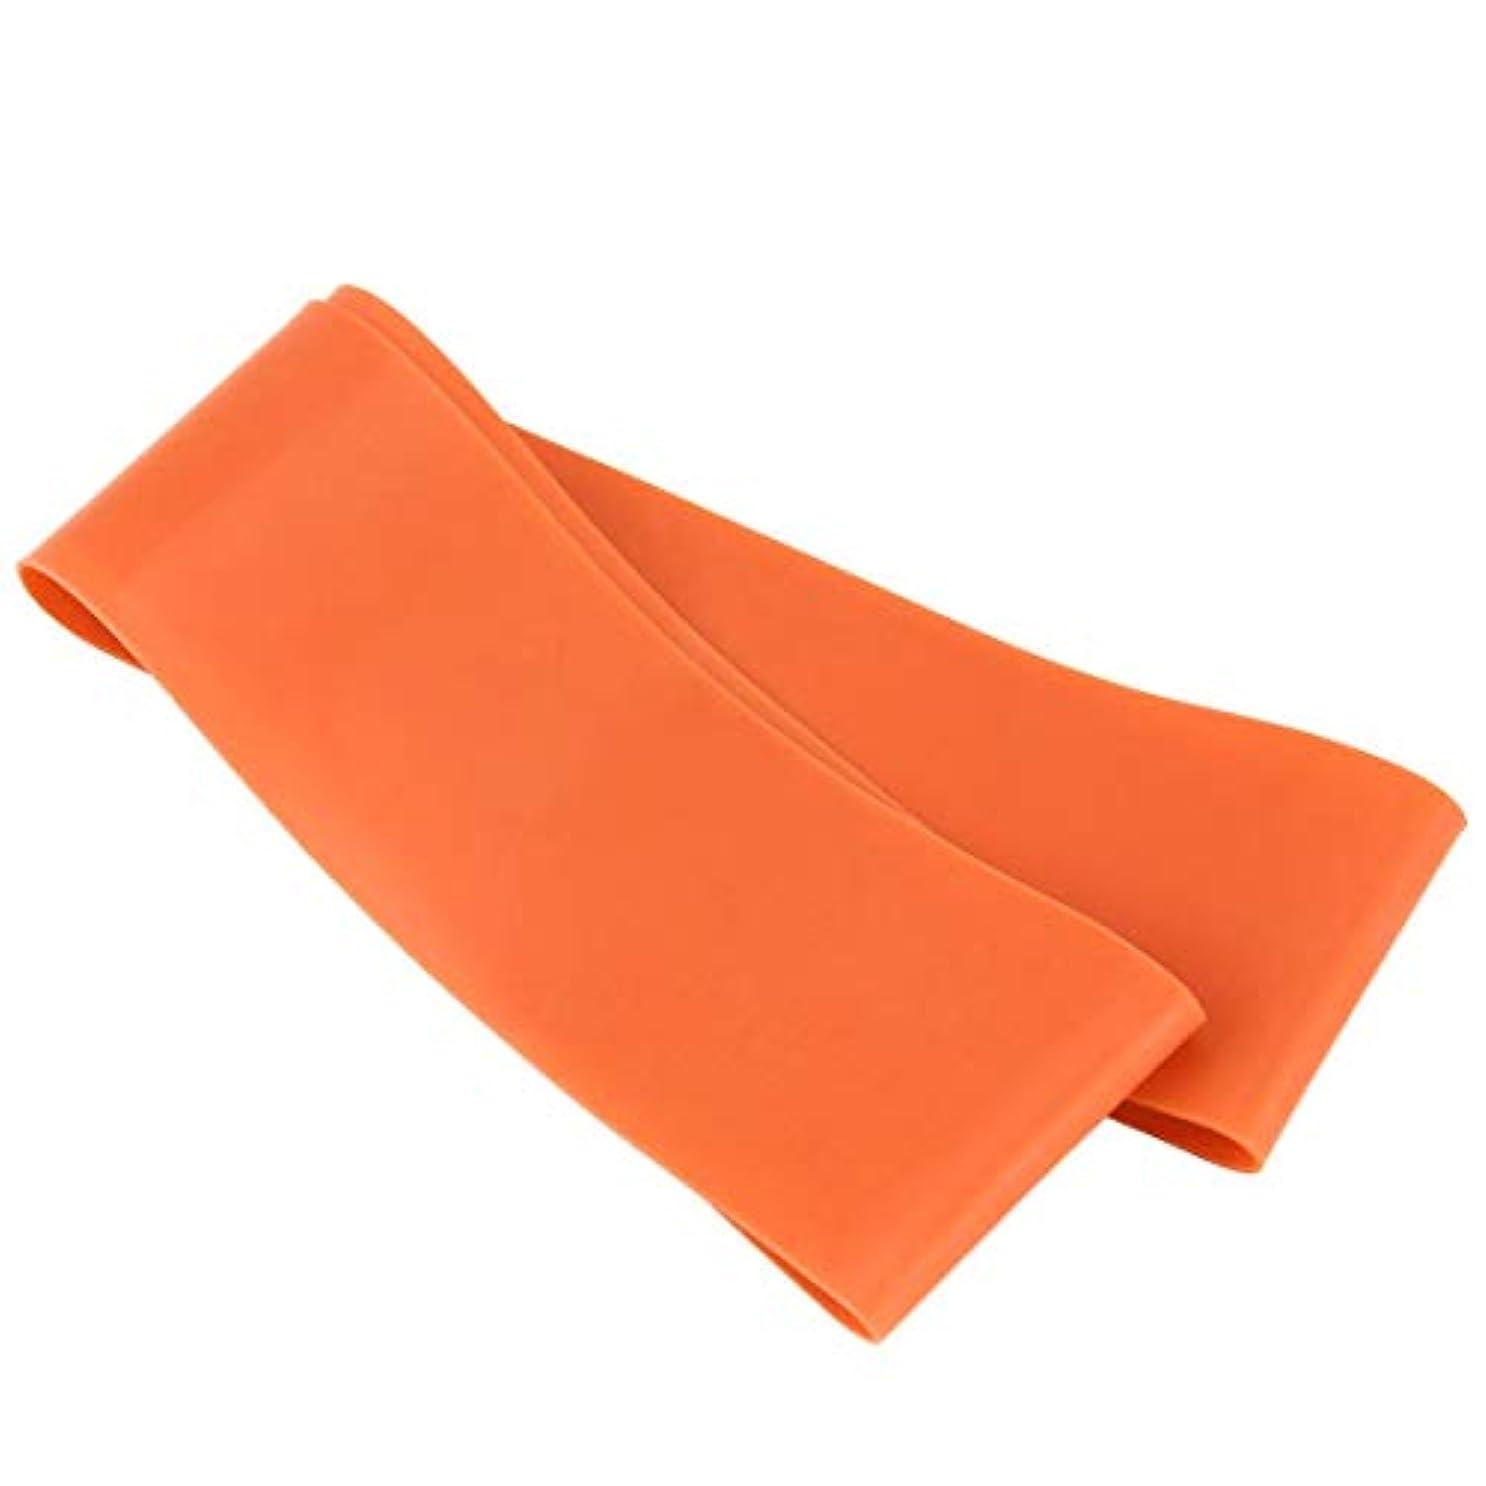 ウェブオートマトン視聴者滑り止めの伸縮性のあるゴム製伸縮性がある伸縮性があるヨガベルトバンド引きロープの張力抵抗バンドループ強度のためのフィットネスヨガツール - オレンジ